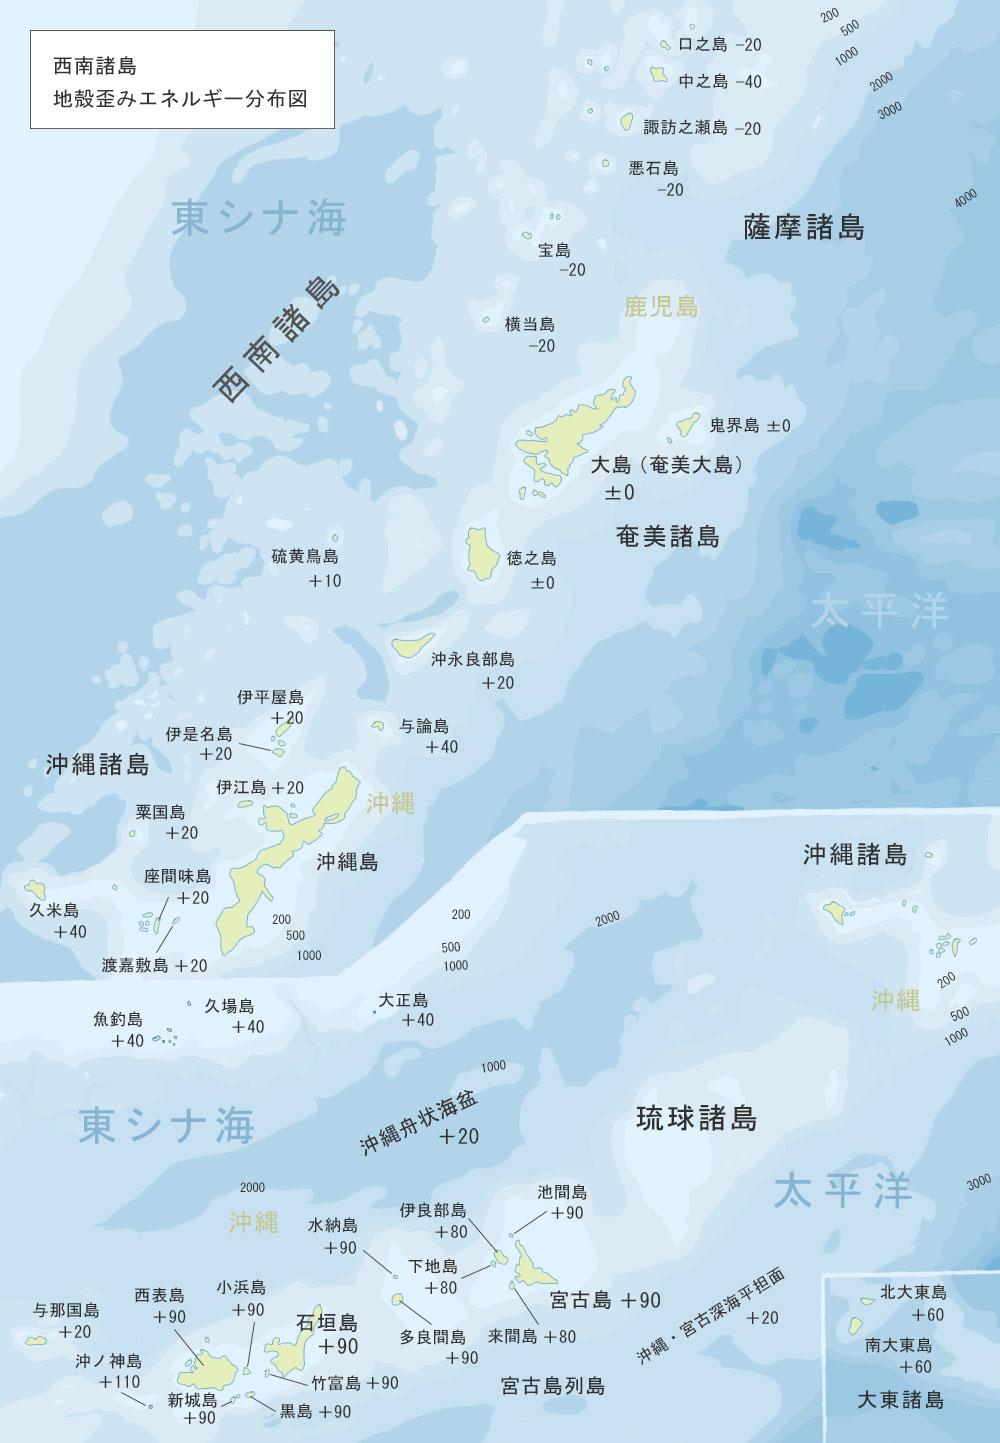 中国、四国、九州、西南諸島、琉球諸島の地殻歪みエネルギー分布図